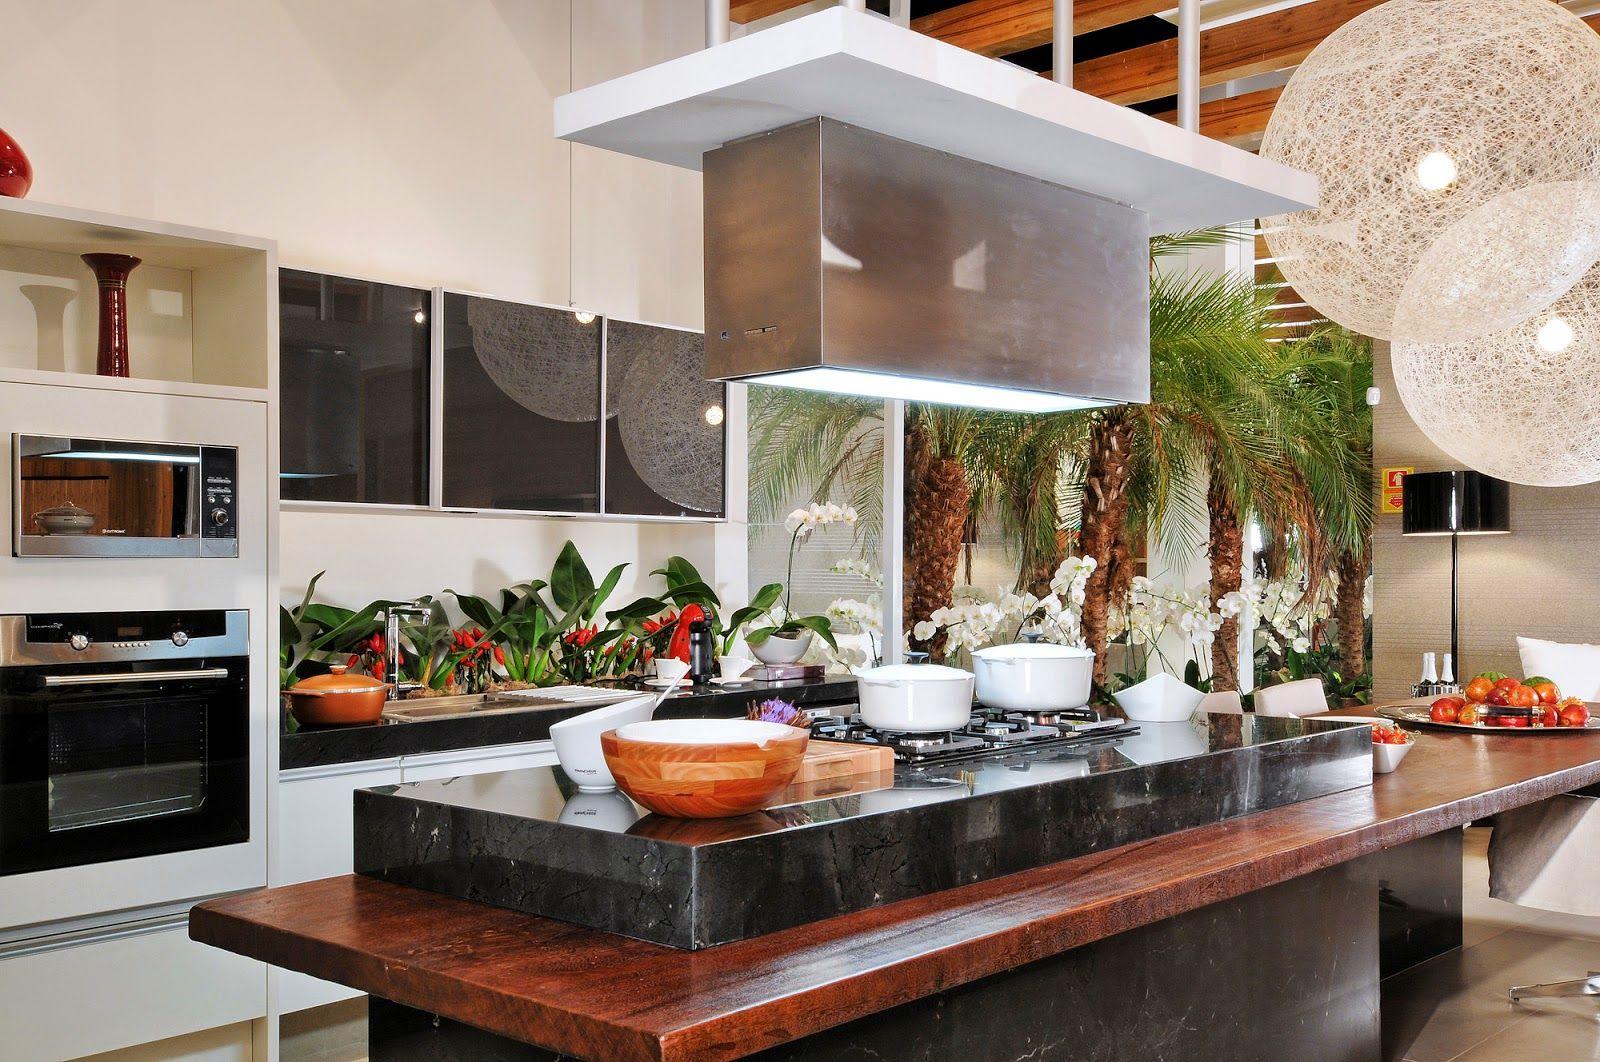 Tend Ncia De Cozinhas Com Ilha Central E Ilha Americana Veja Dicas